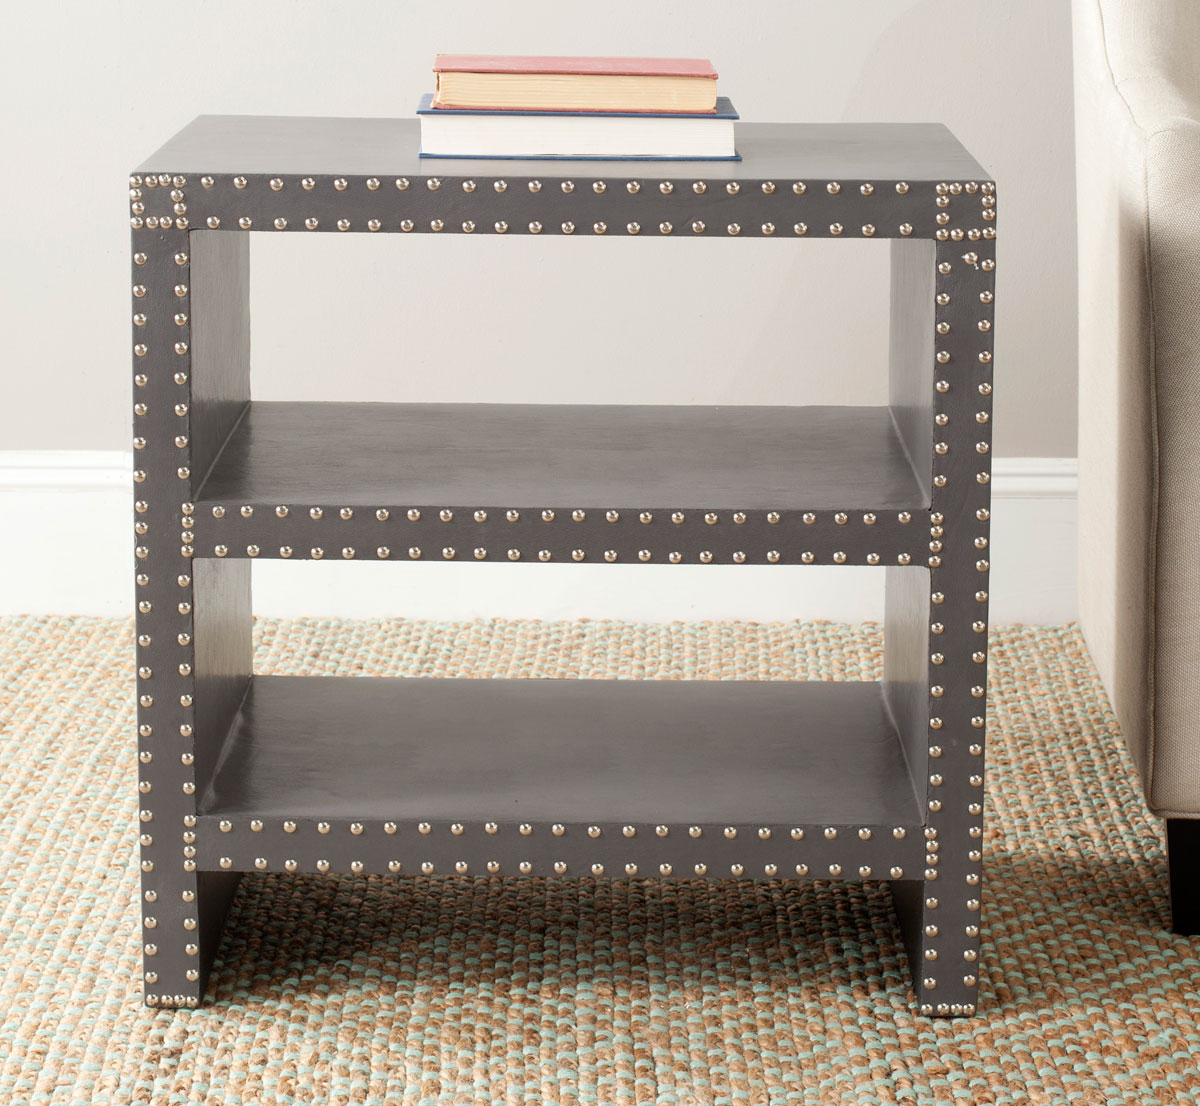 Table d'appoint en bois et similicuir gris